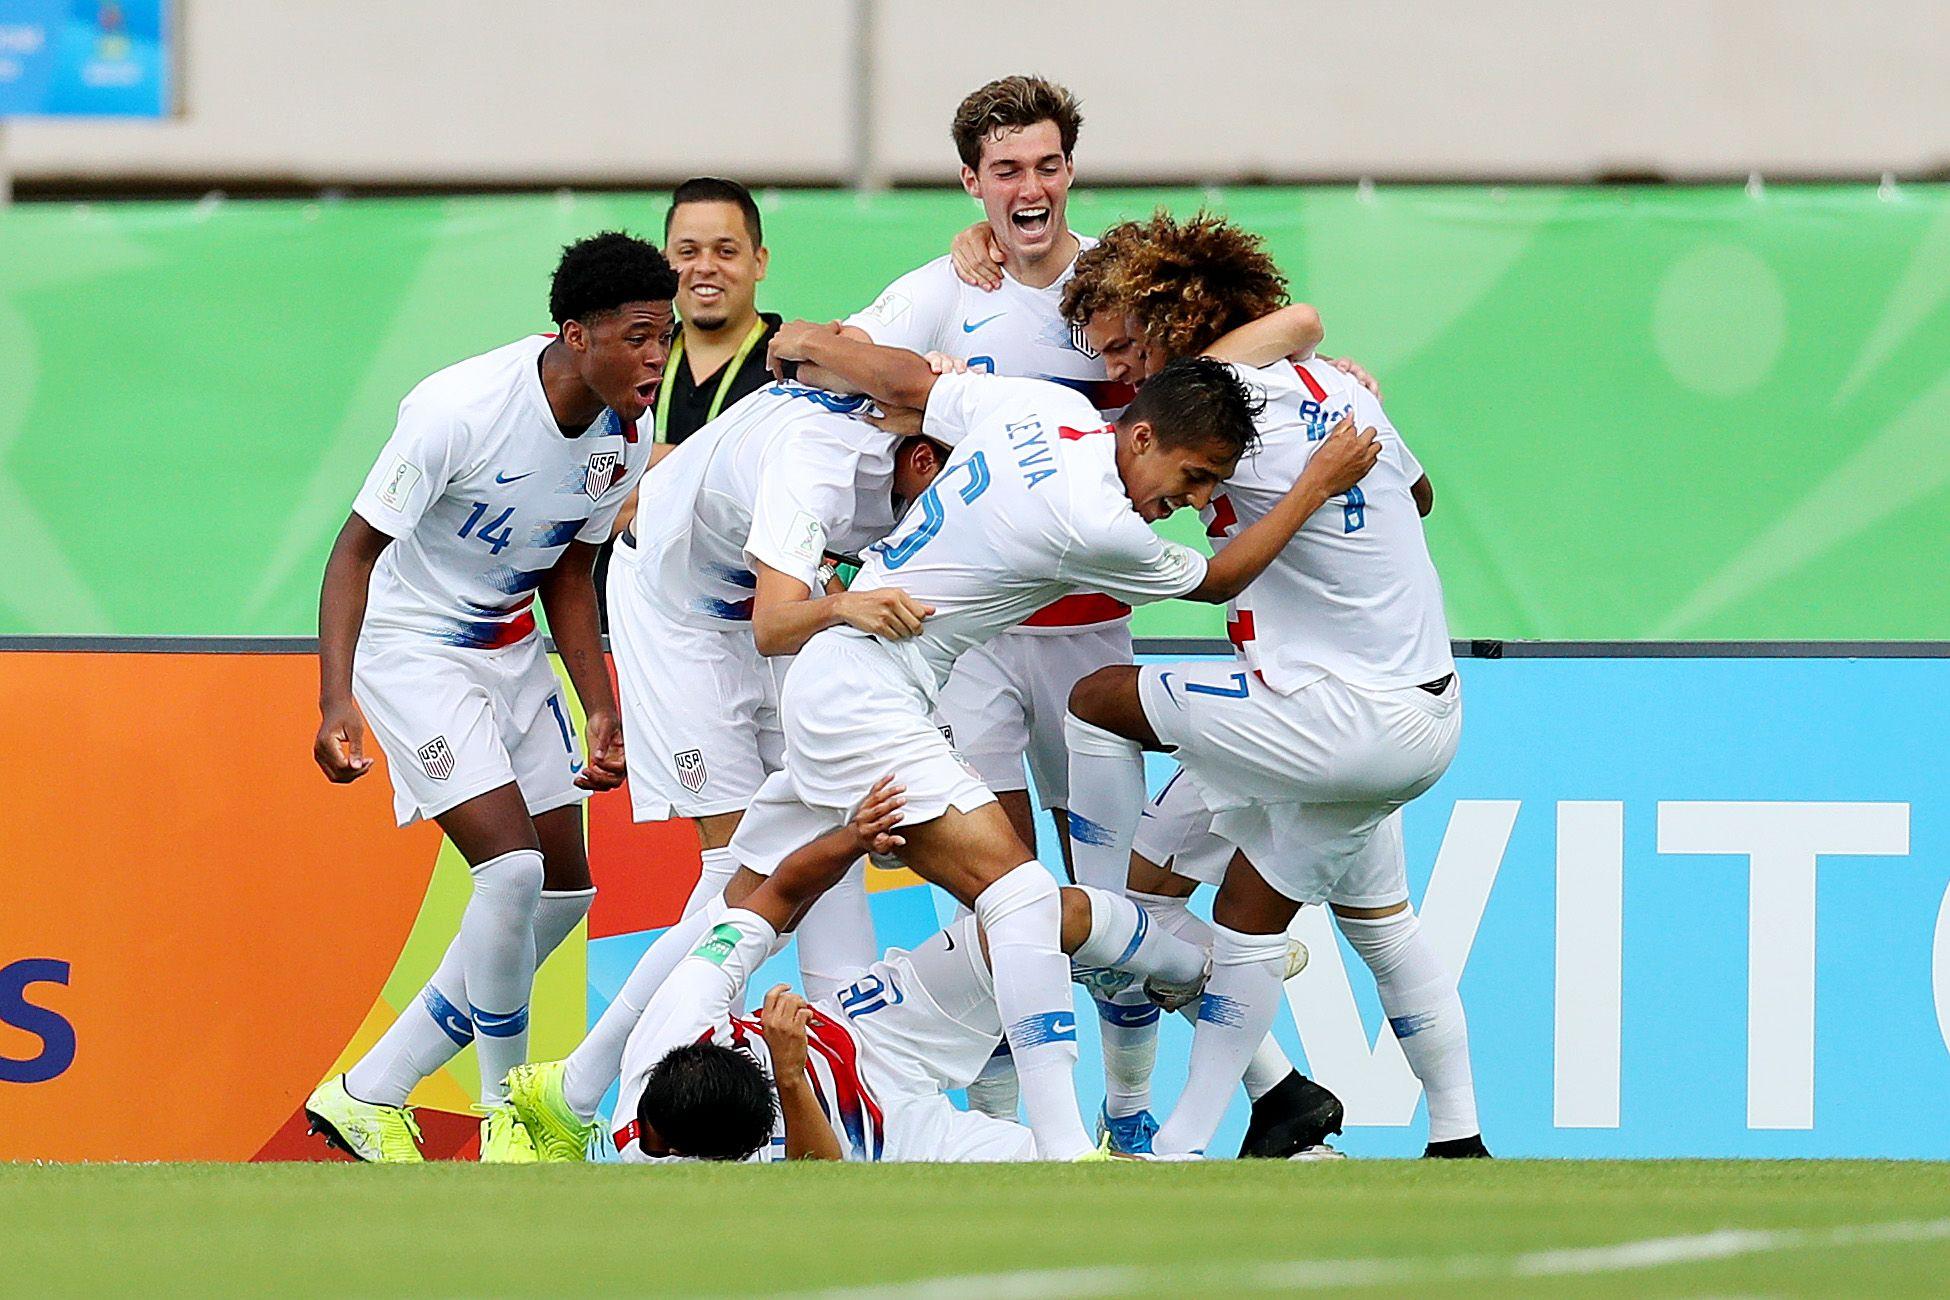 Seleção dos EUA sub 17 / Divulgação / FIFA